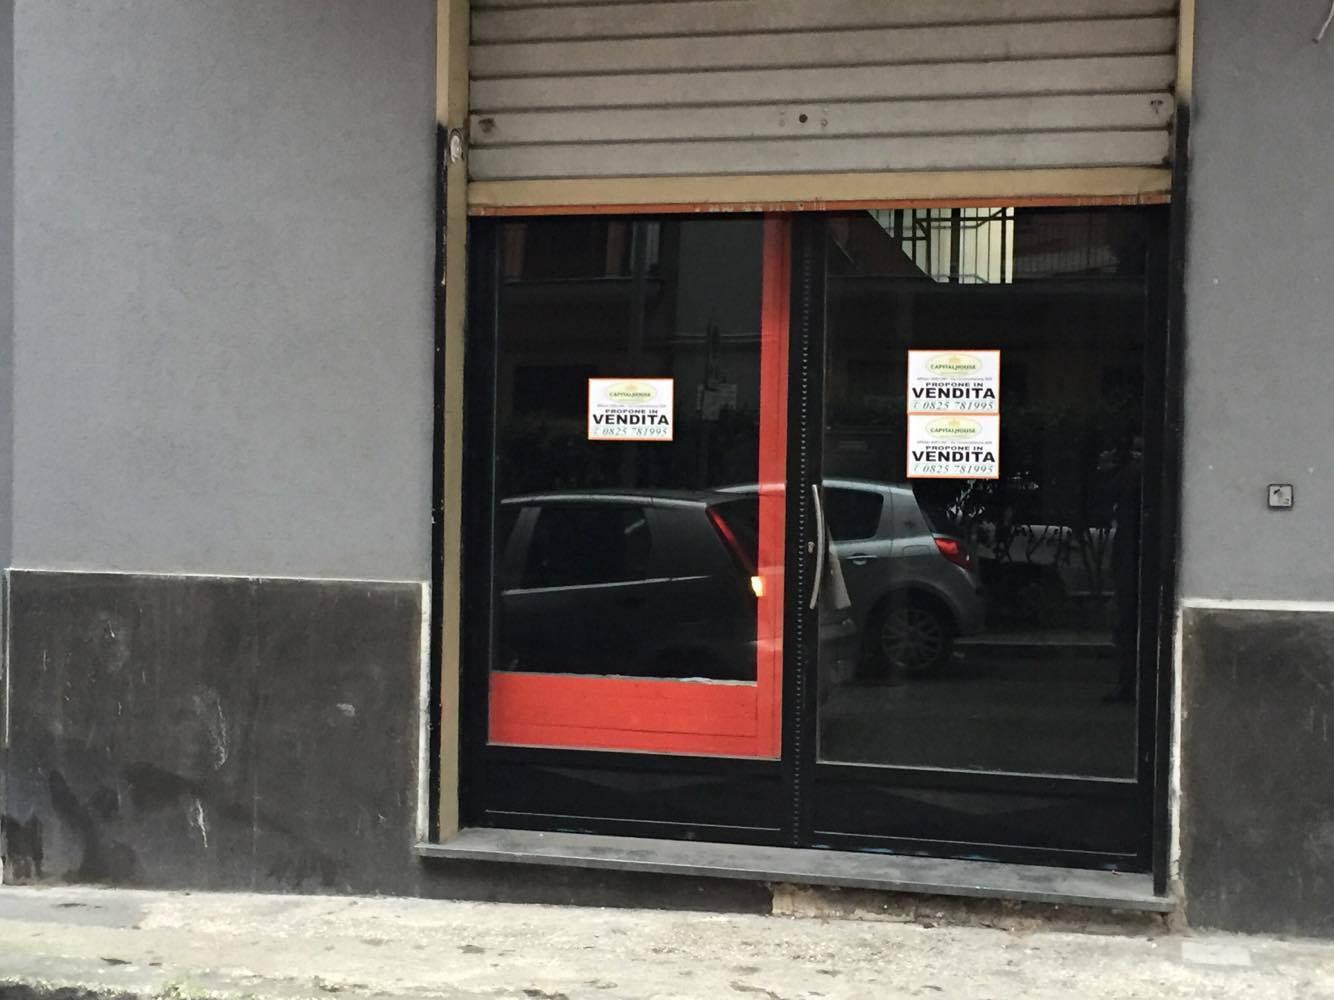 Negozio / Locale in vendita a Avellino, 9999 locali, zona Località: ViaMicheleCapozzi, prezzo € 80.000 | Cambio Casa.it